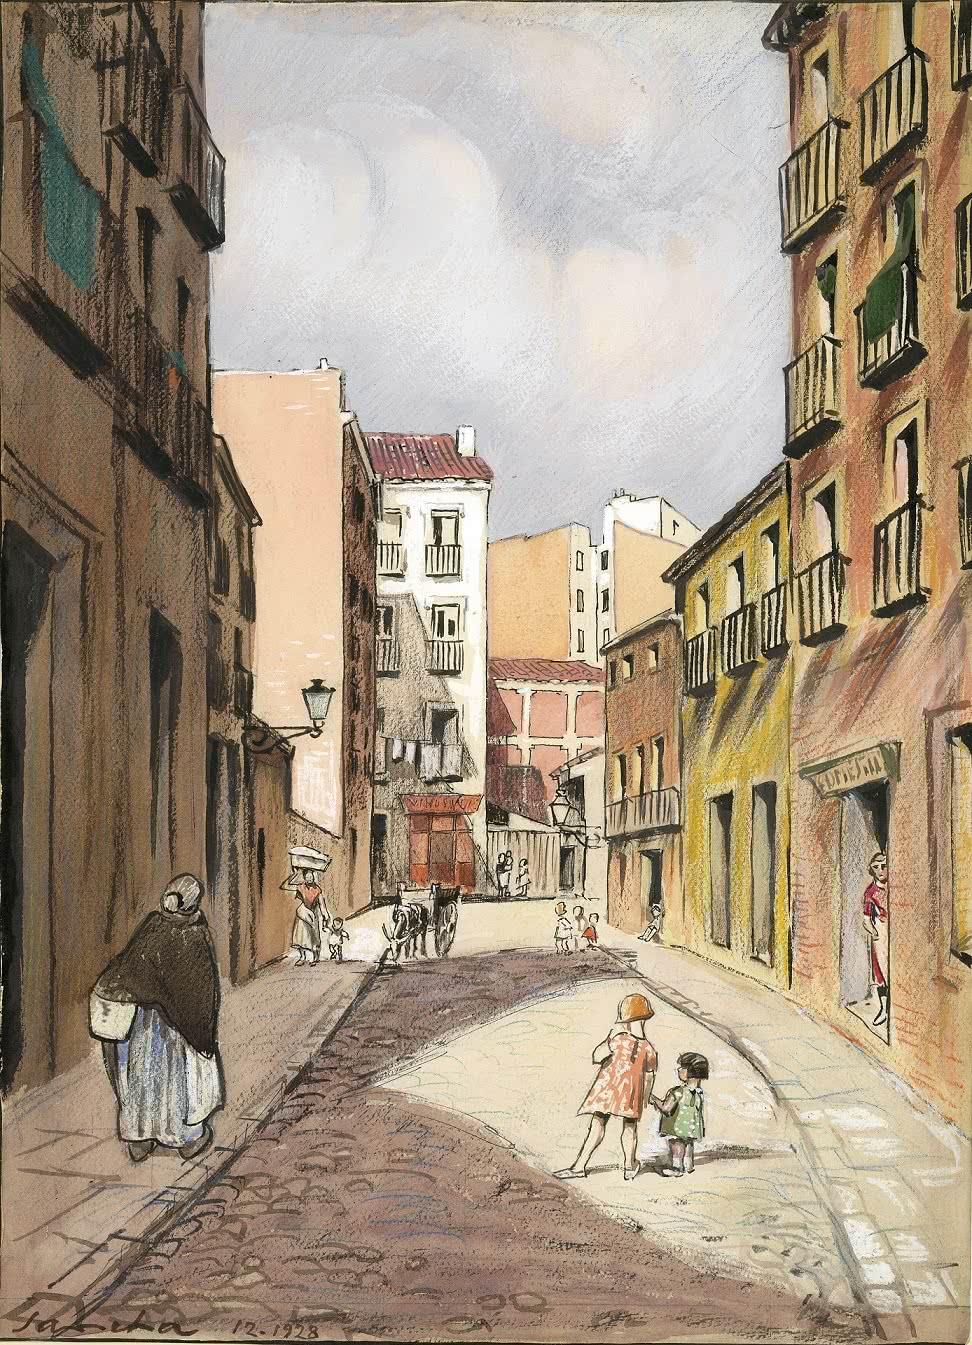 Francisco Sancha. Una calle de los barrios, 1929.